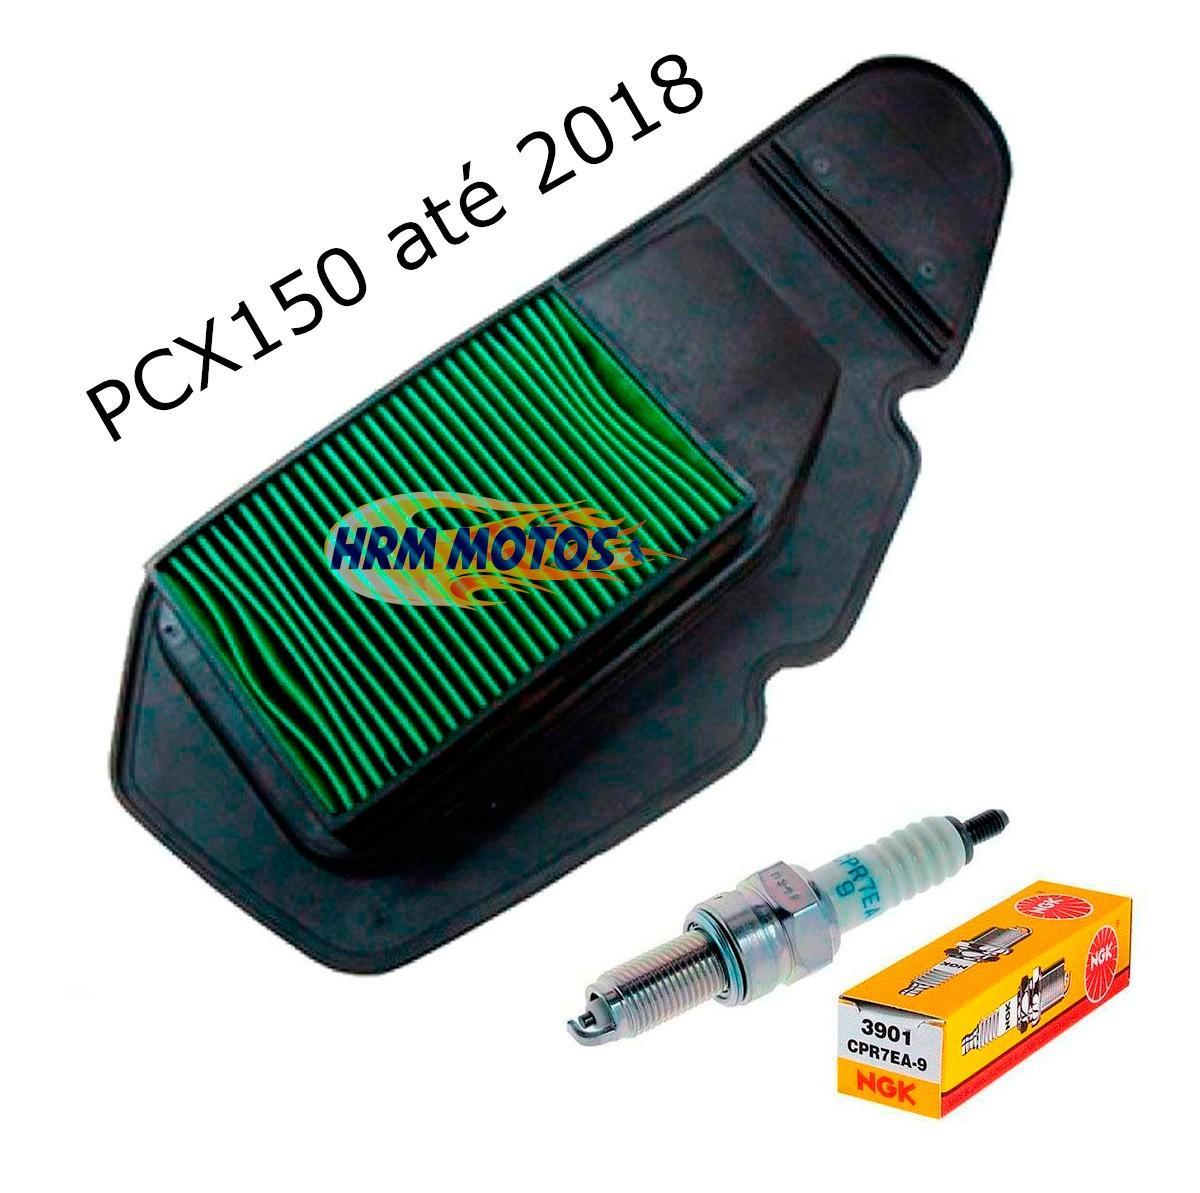 Kit Filtro de Ar + Vela para Pcx 150 2012 à 2018